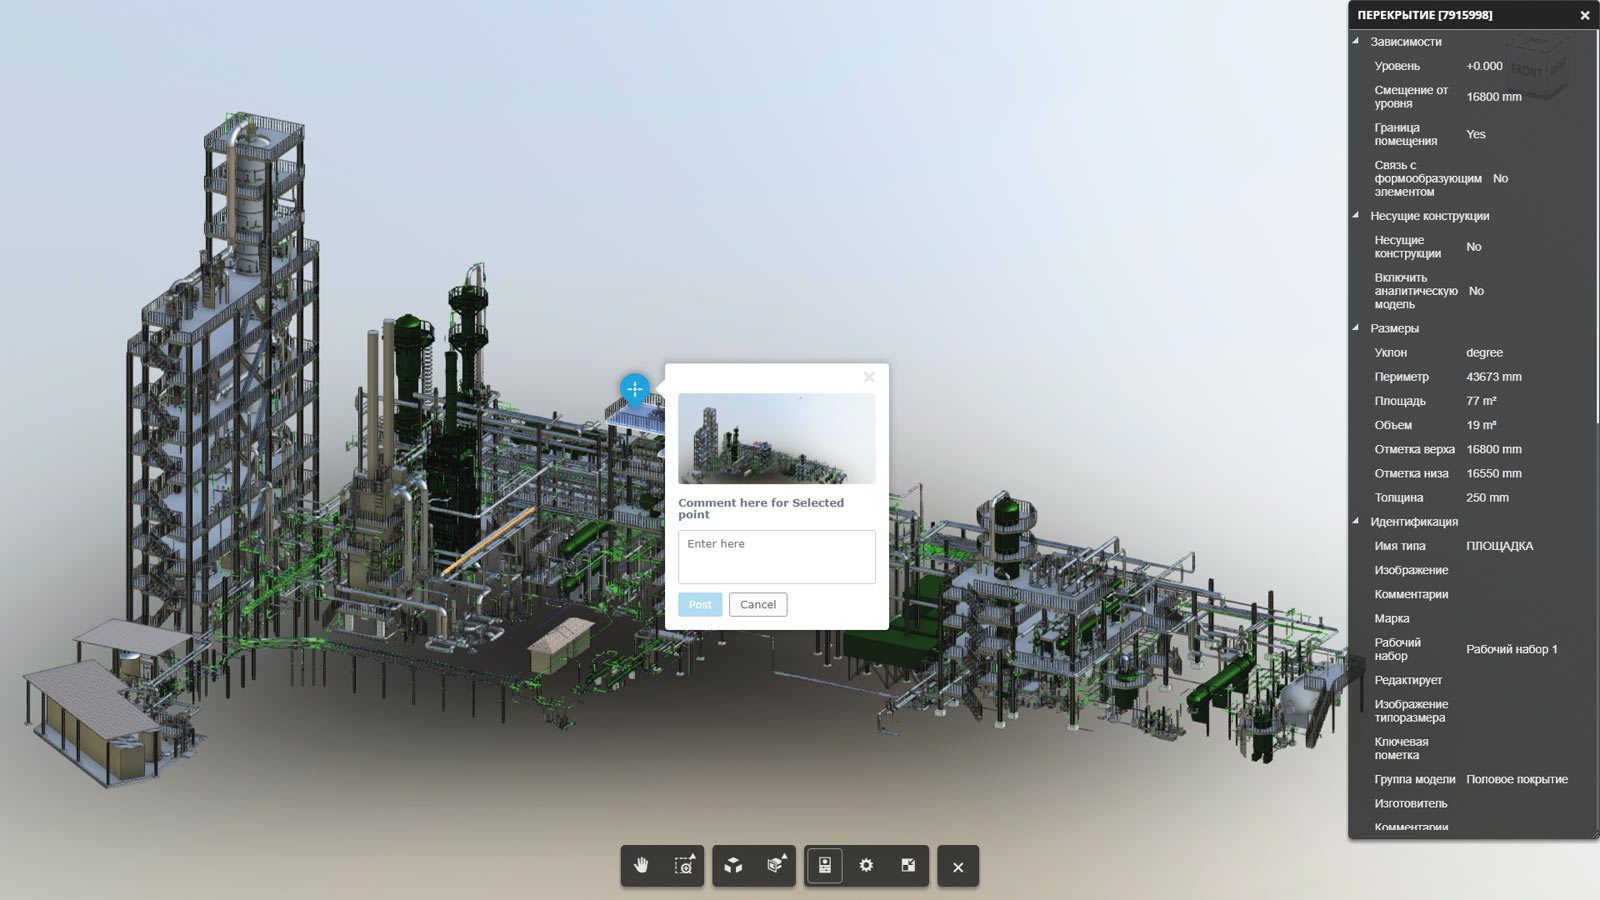 Рис. 3. Обзор модели в BIM 360 Team и инструмент создания контекстных комментариев